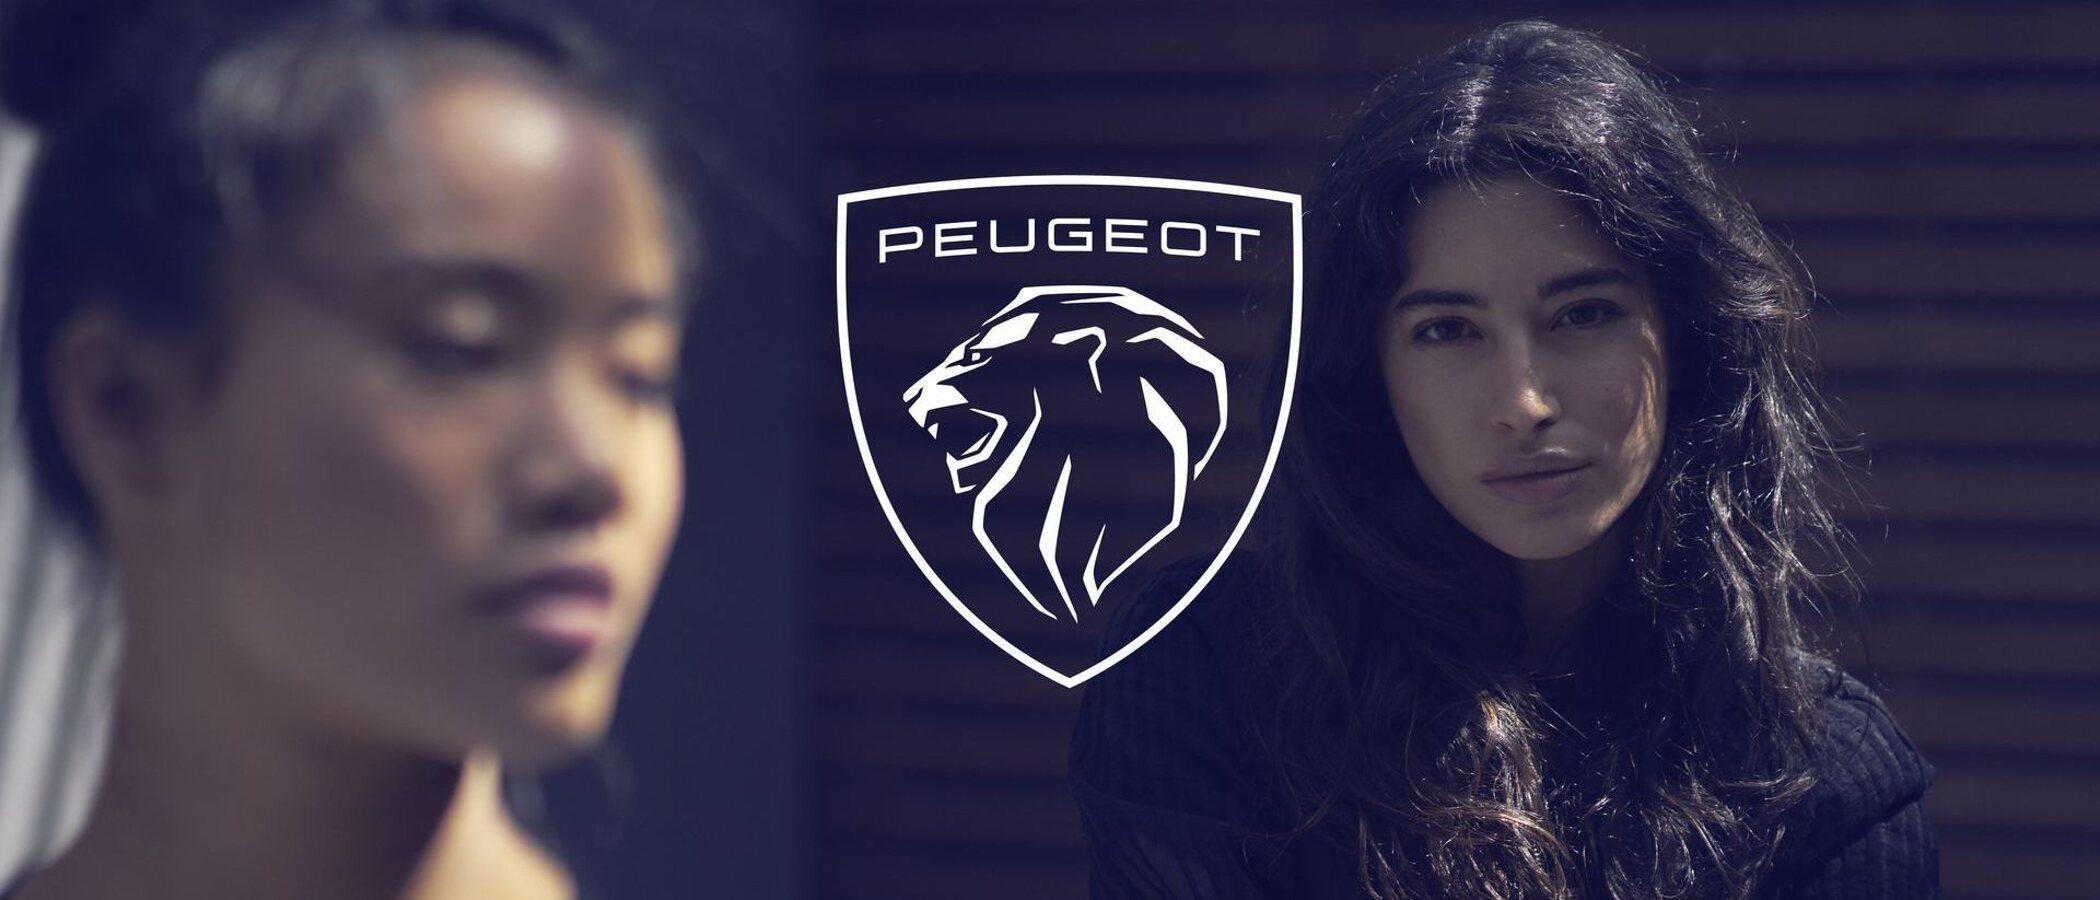 Peugeot presenta su nueva boutique con su primera línea de ropa